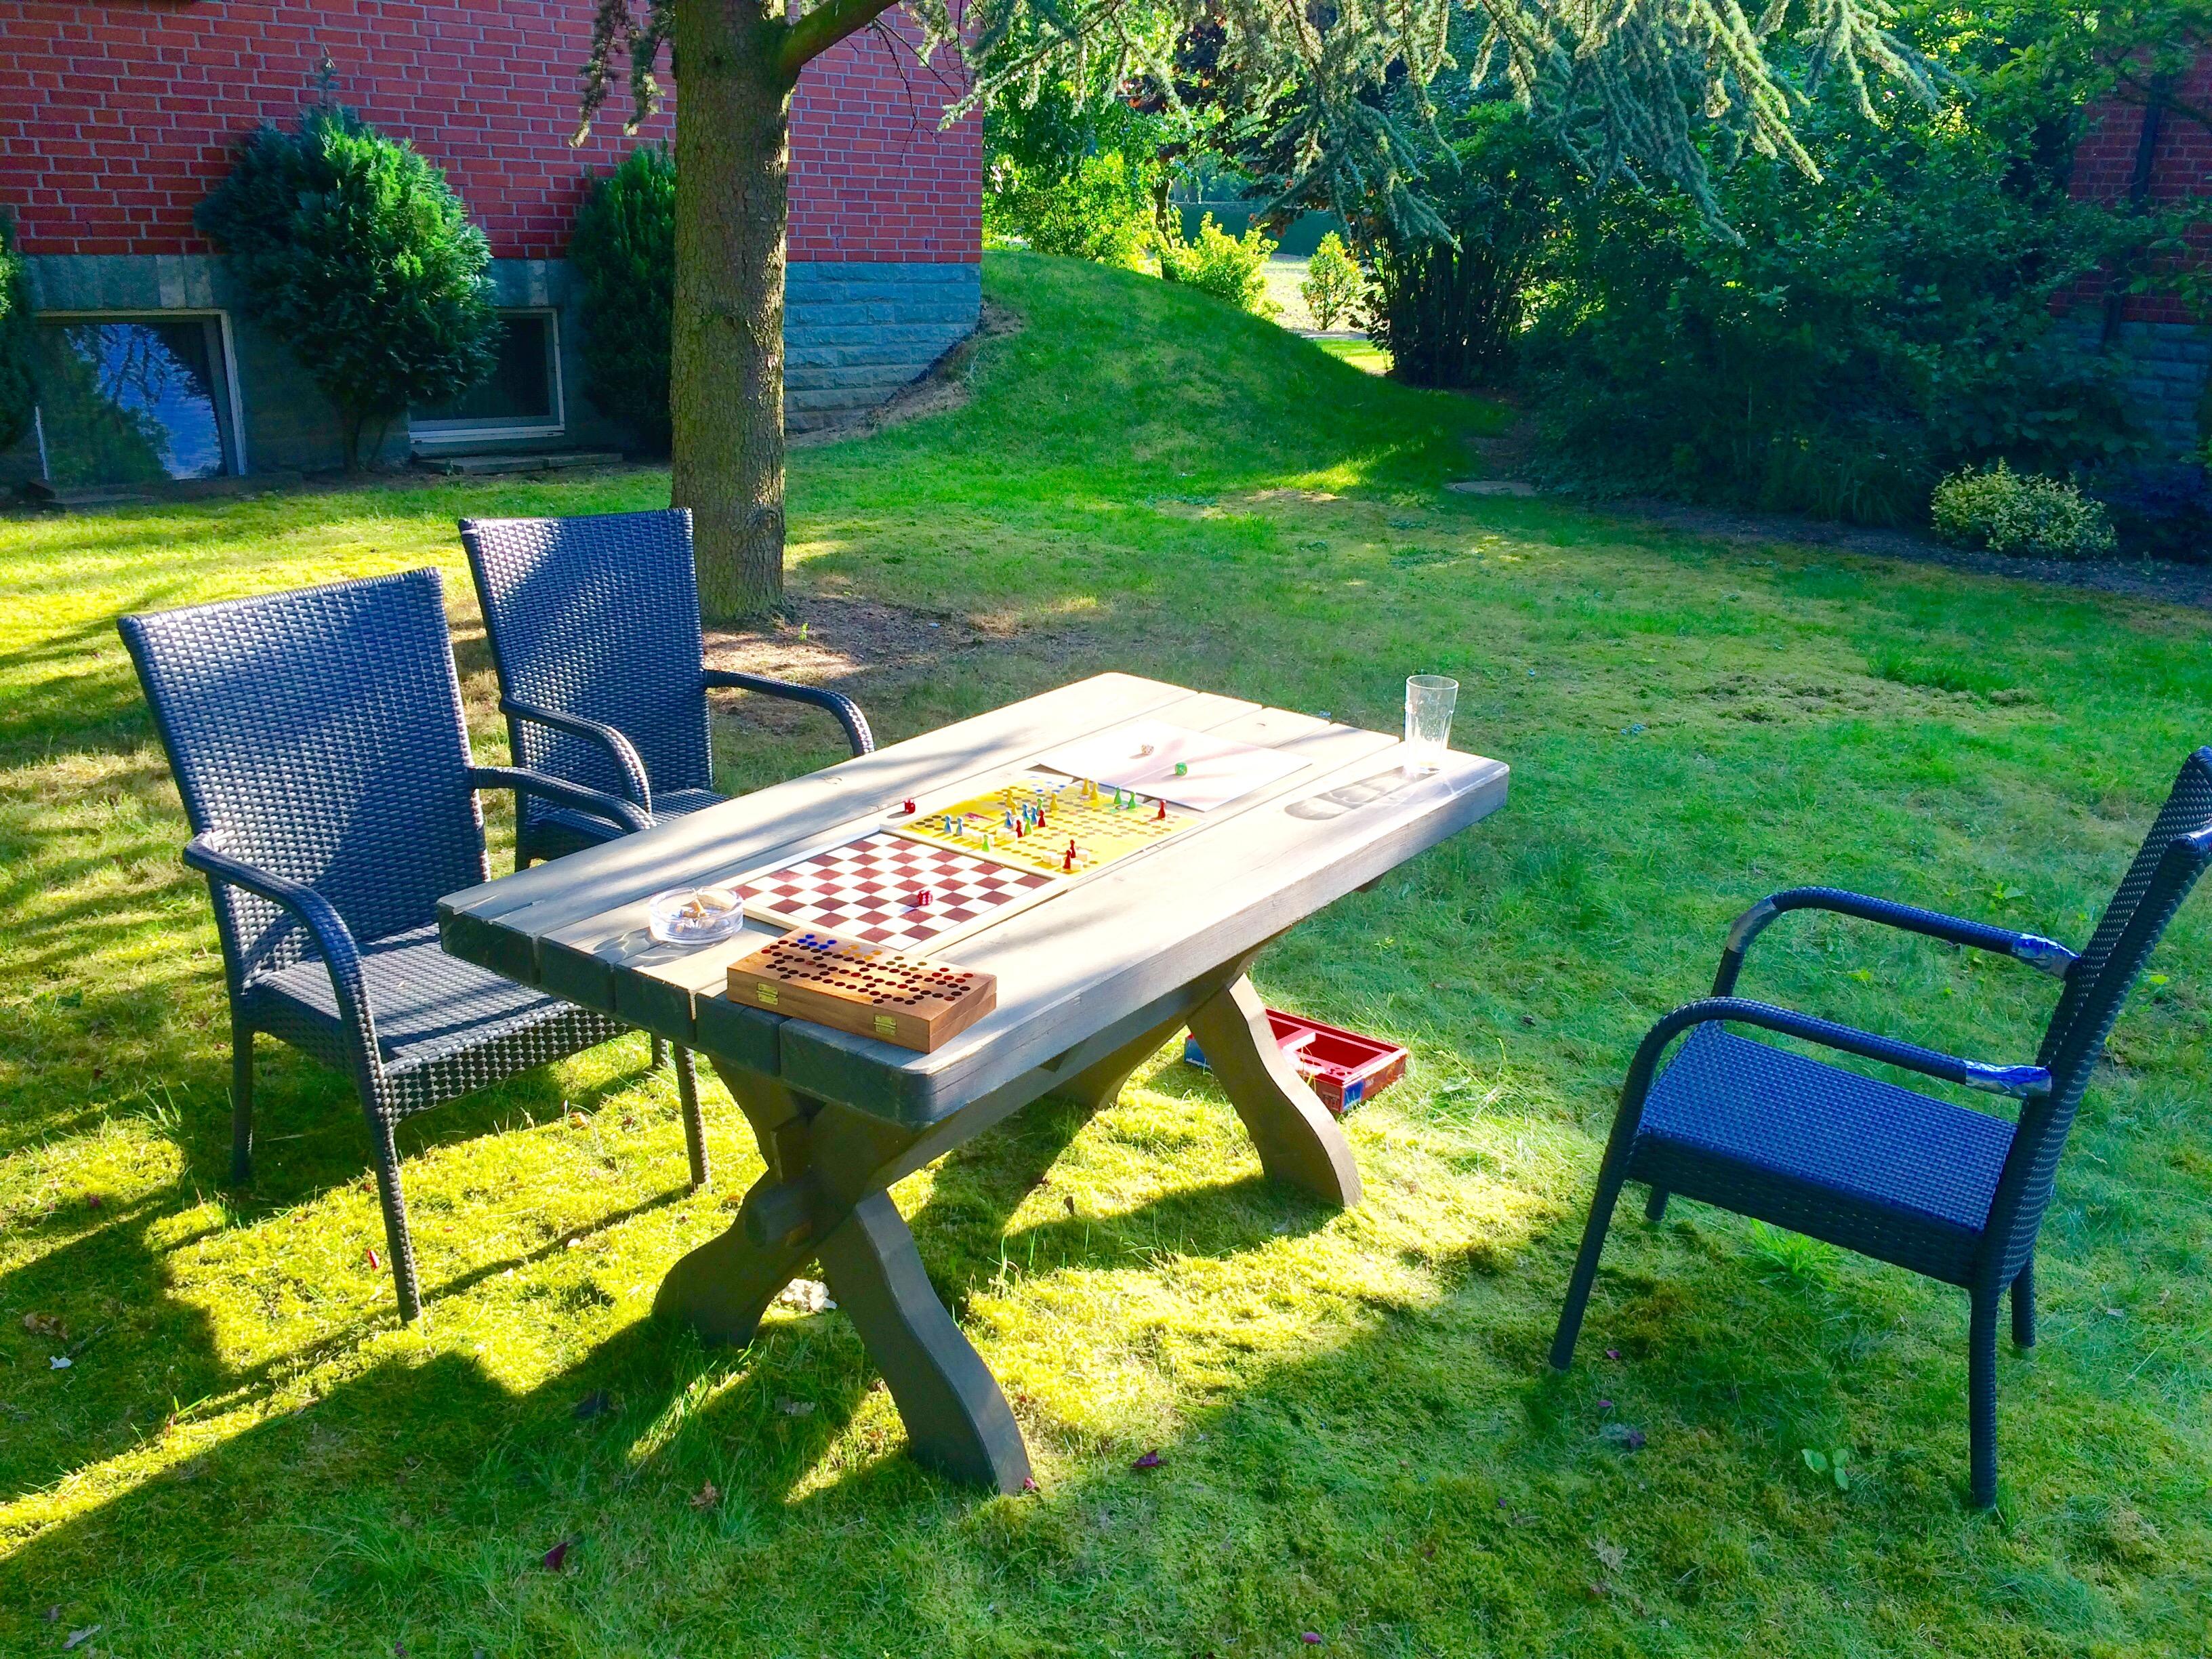 Spiele spielen am Hotel gegen Langeweile im Urlaub